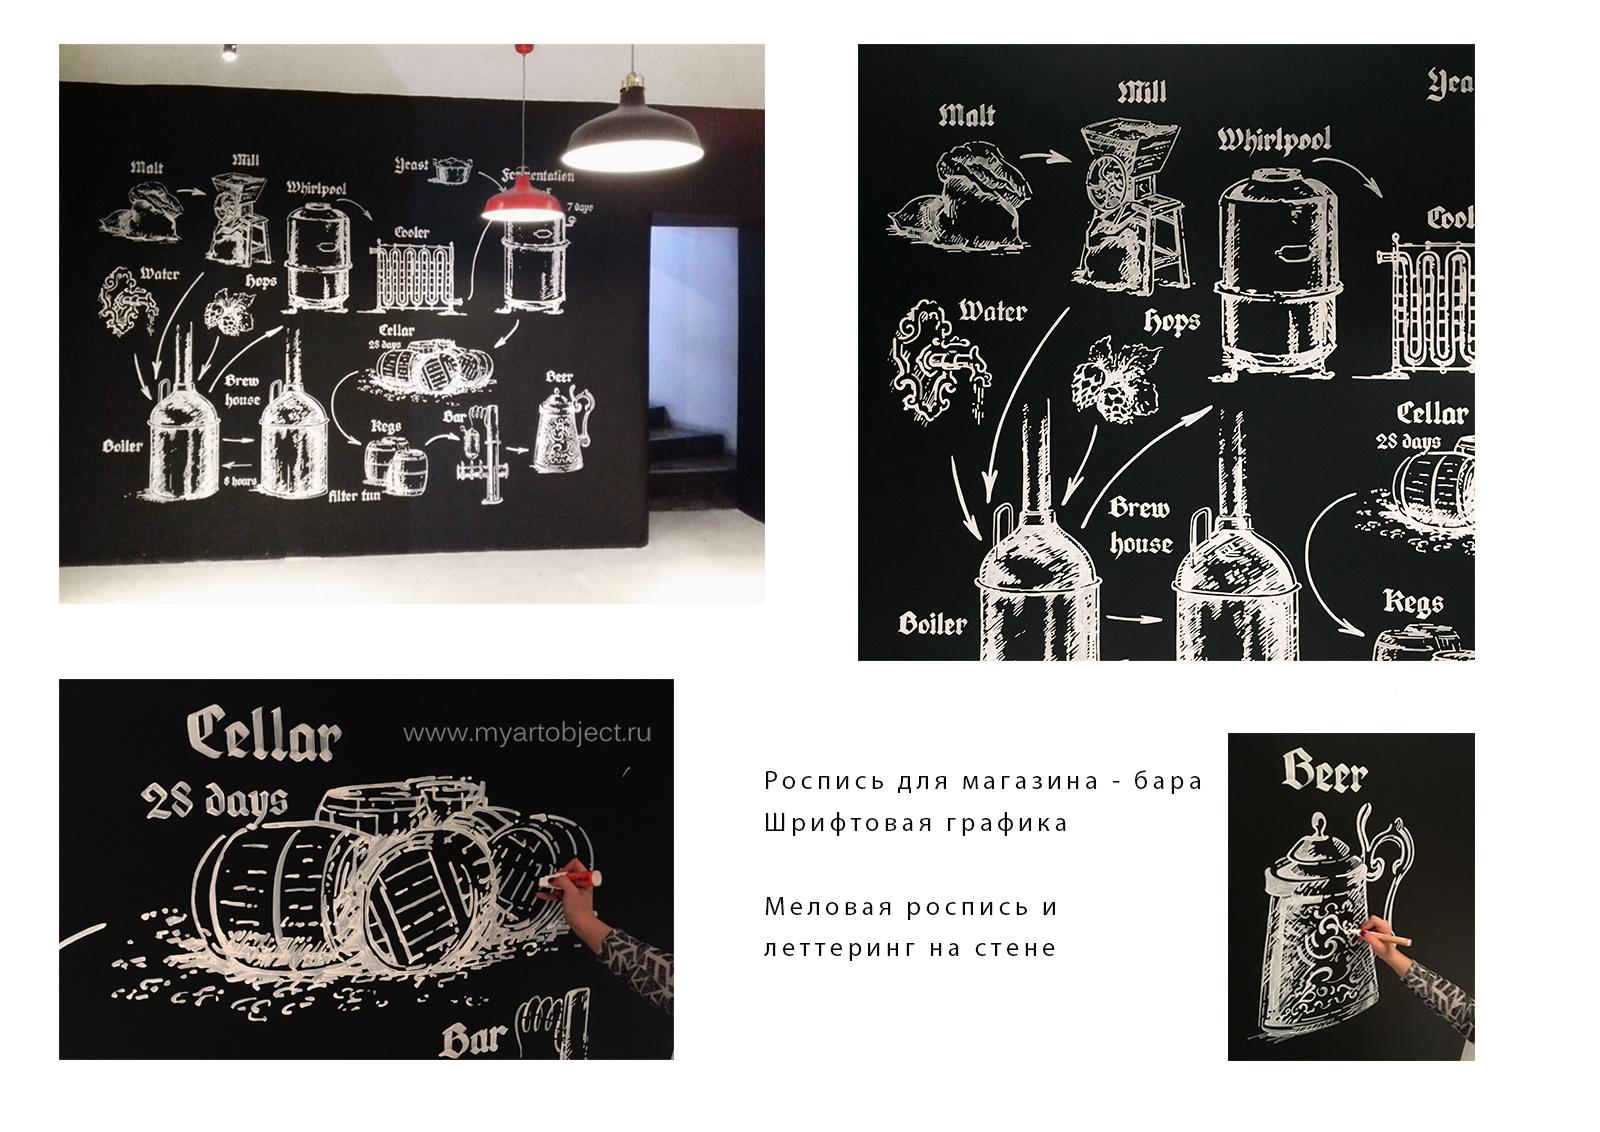 Меловая-роспись-магазина-бара-и-шрифты-на-стене,роспись-стен-кафе